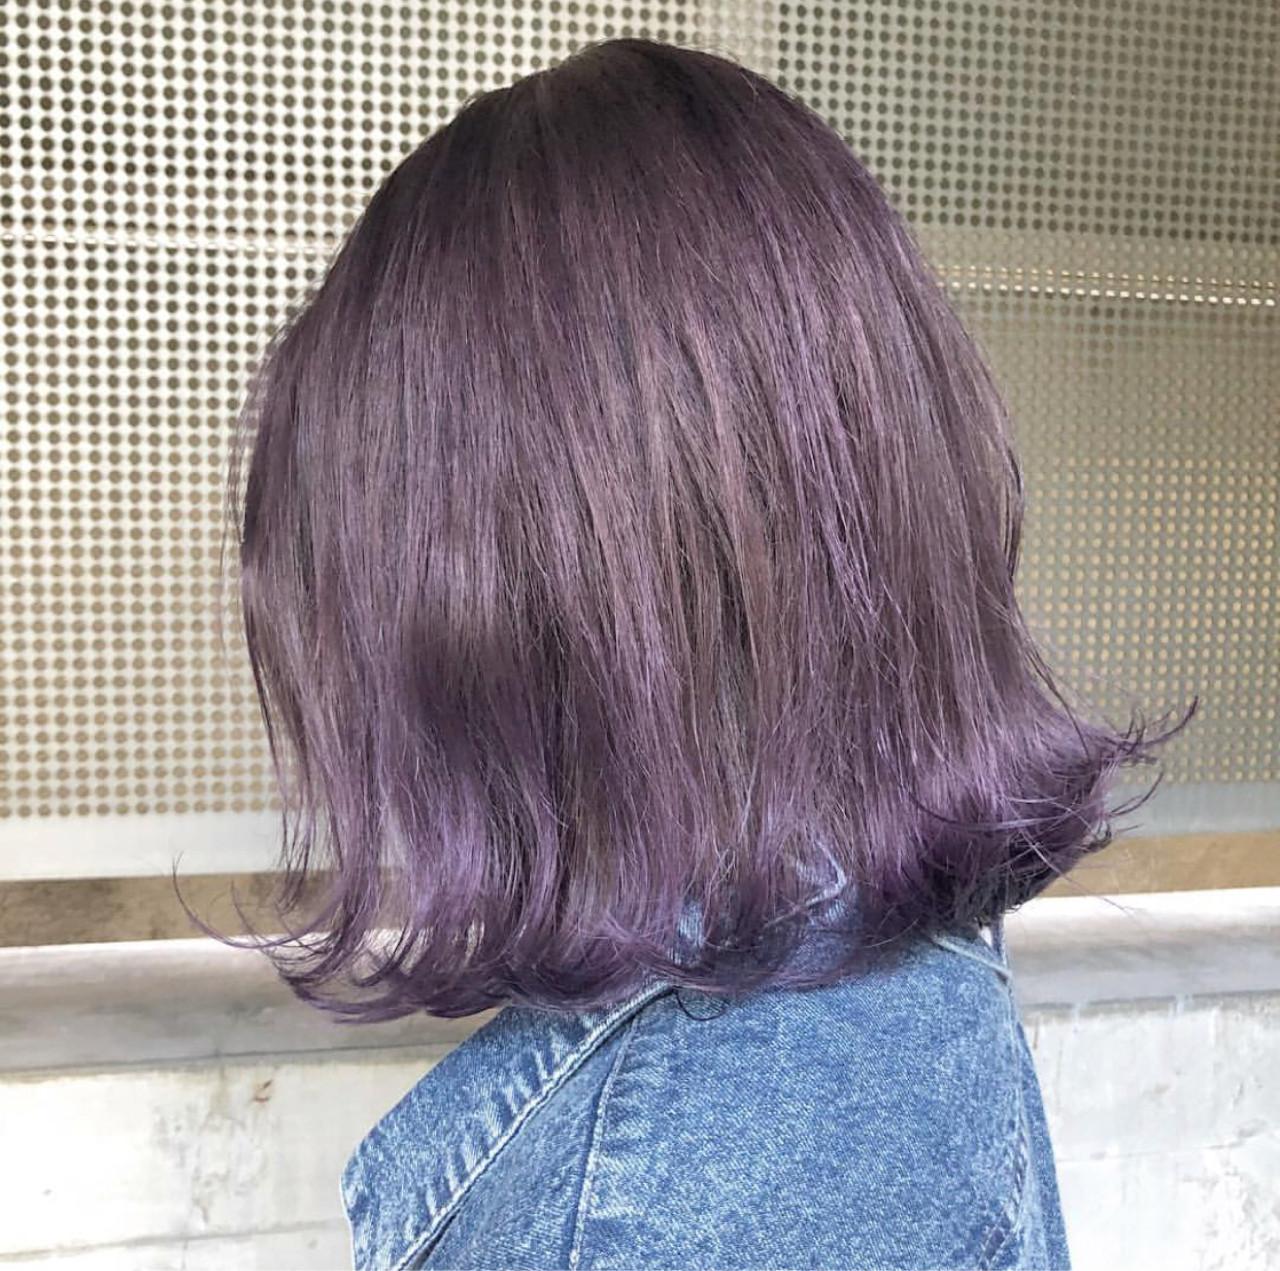 アッシュ 外国人風カラー ラベンダーアッシュ ボブ ヘアスタイルや髪型の写真・画像